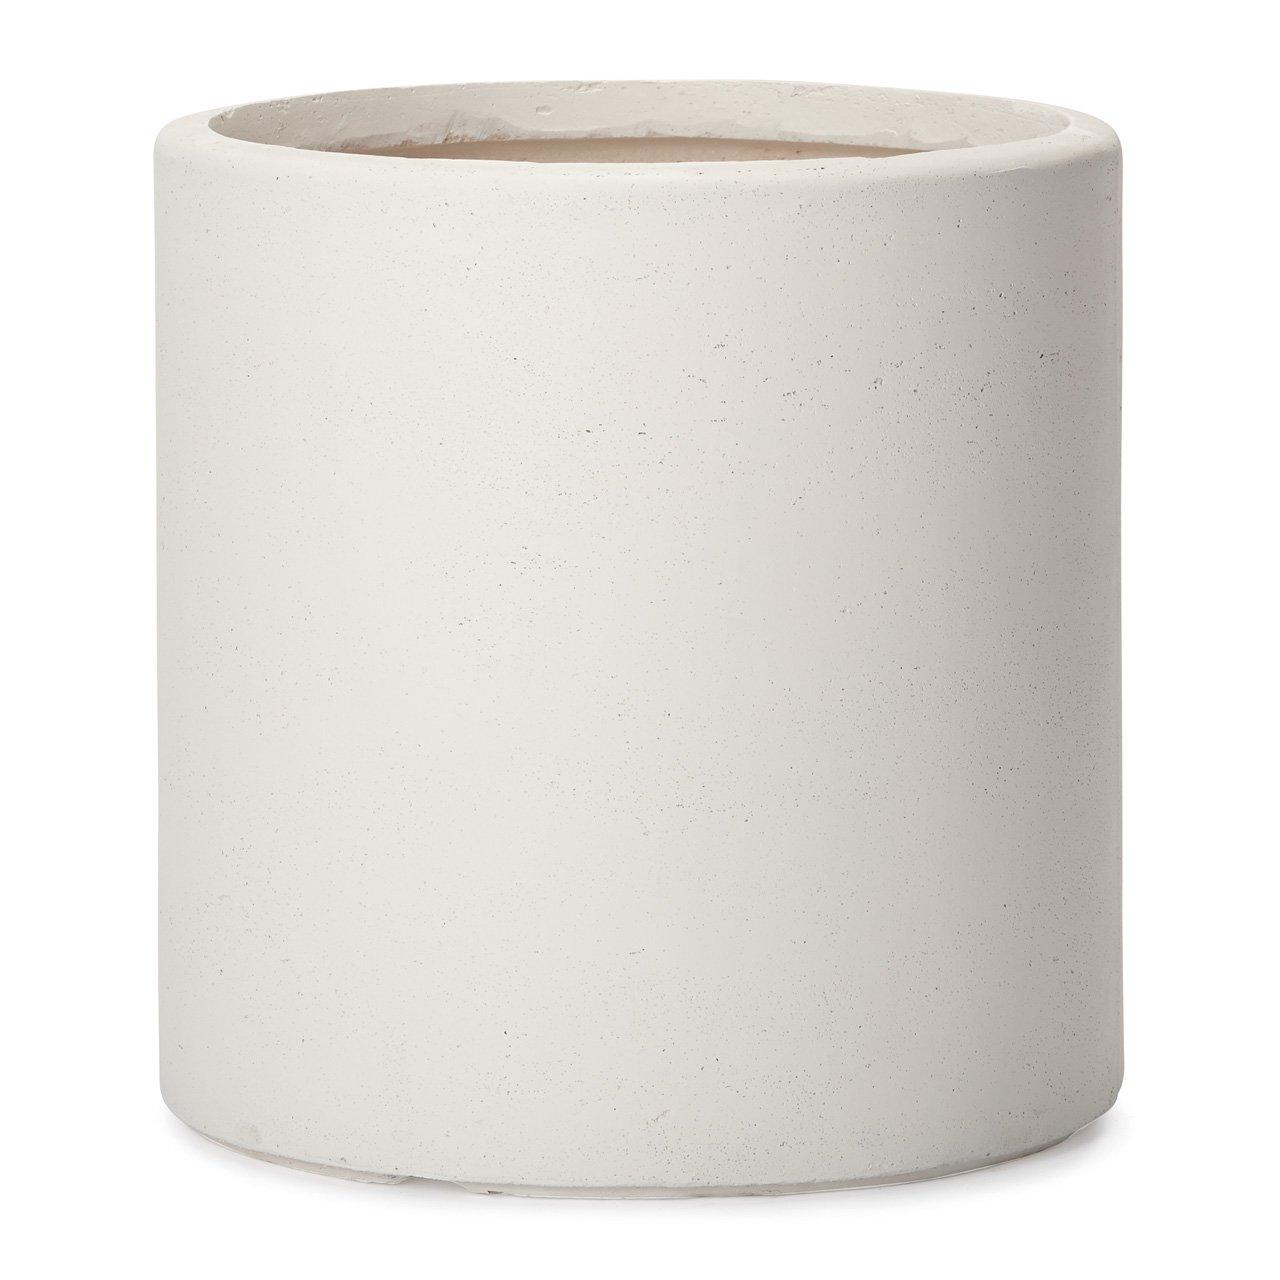 植木鉢 大型 ファイバークレイプロ アルファ シリンダープランター 45 ホワイト B00L3U730G  ホワイト 45